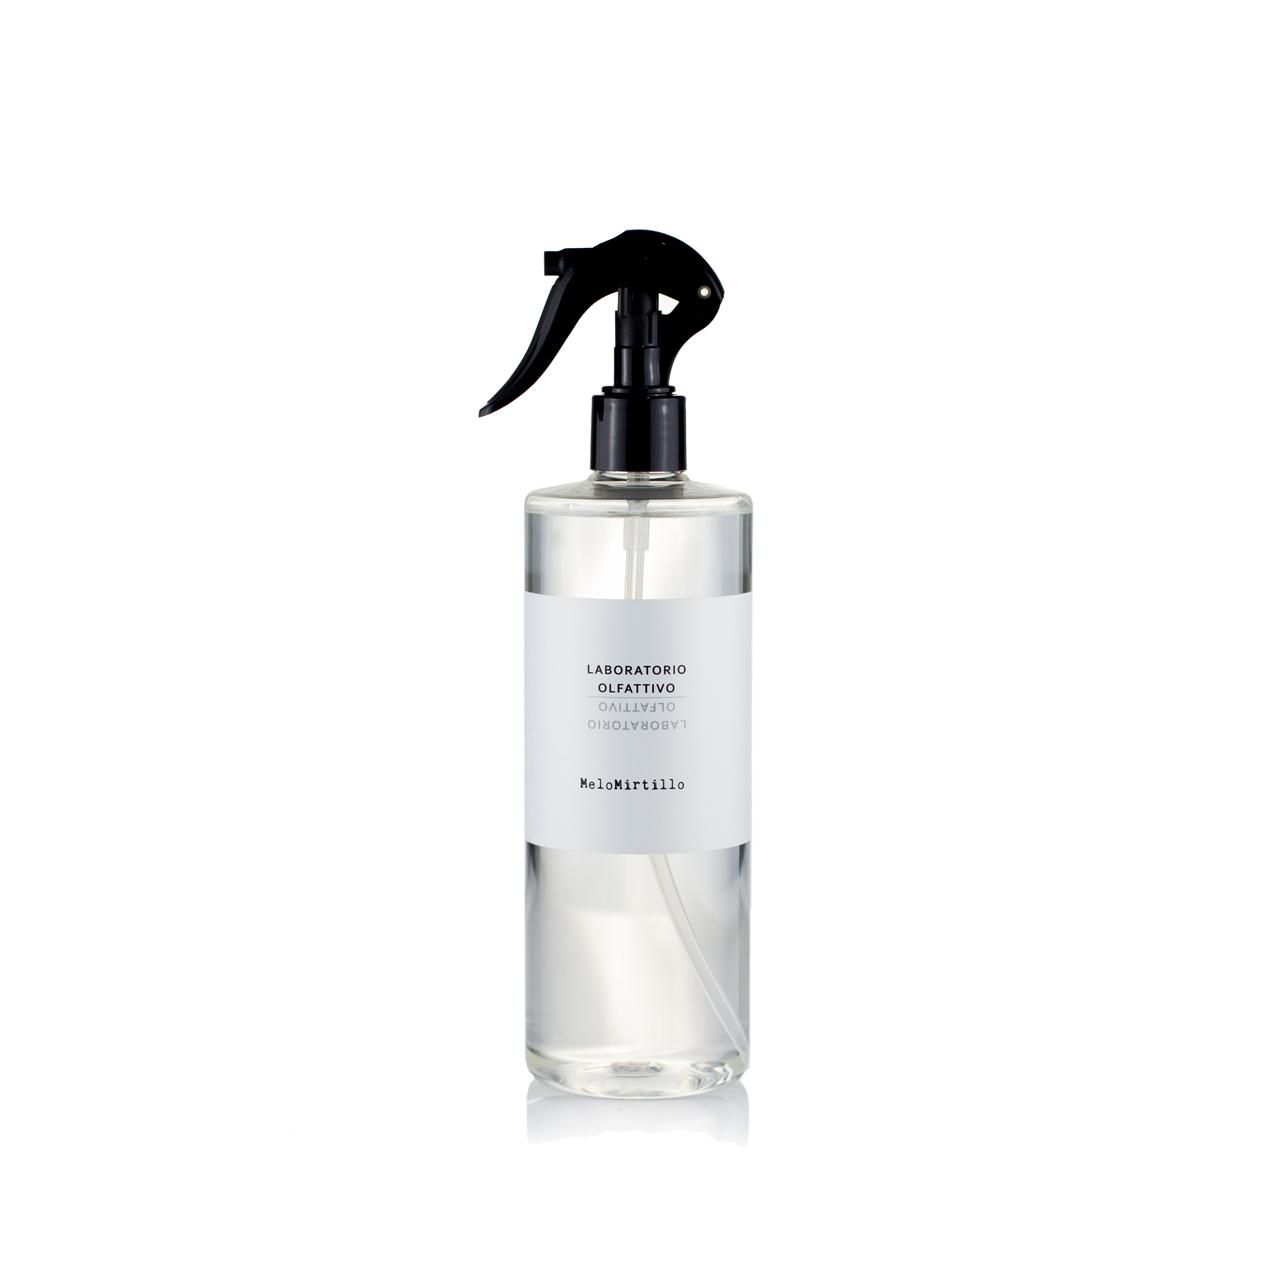 Melomirtillo - Room Fragrance